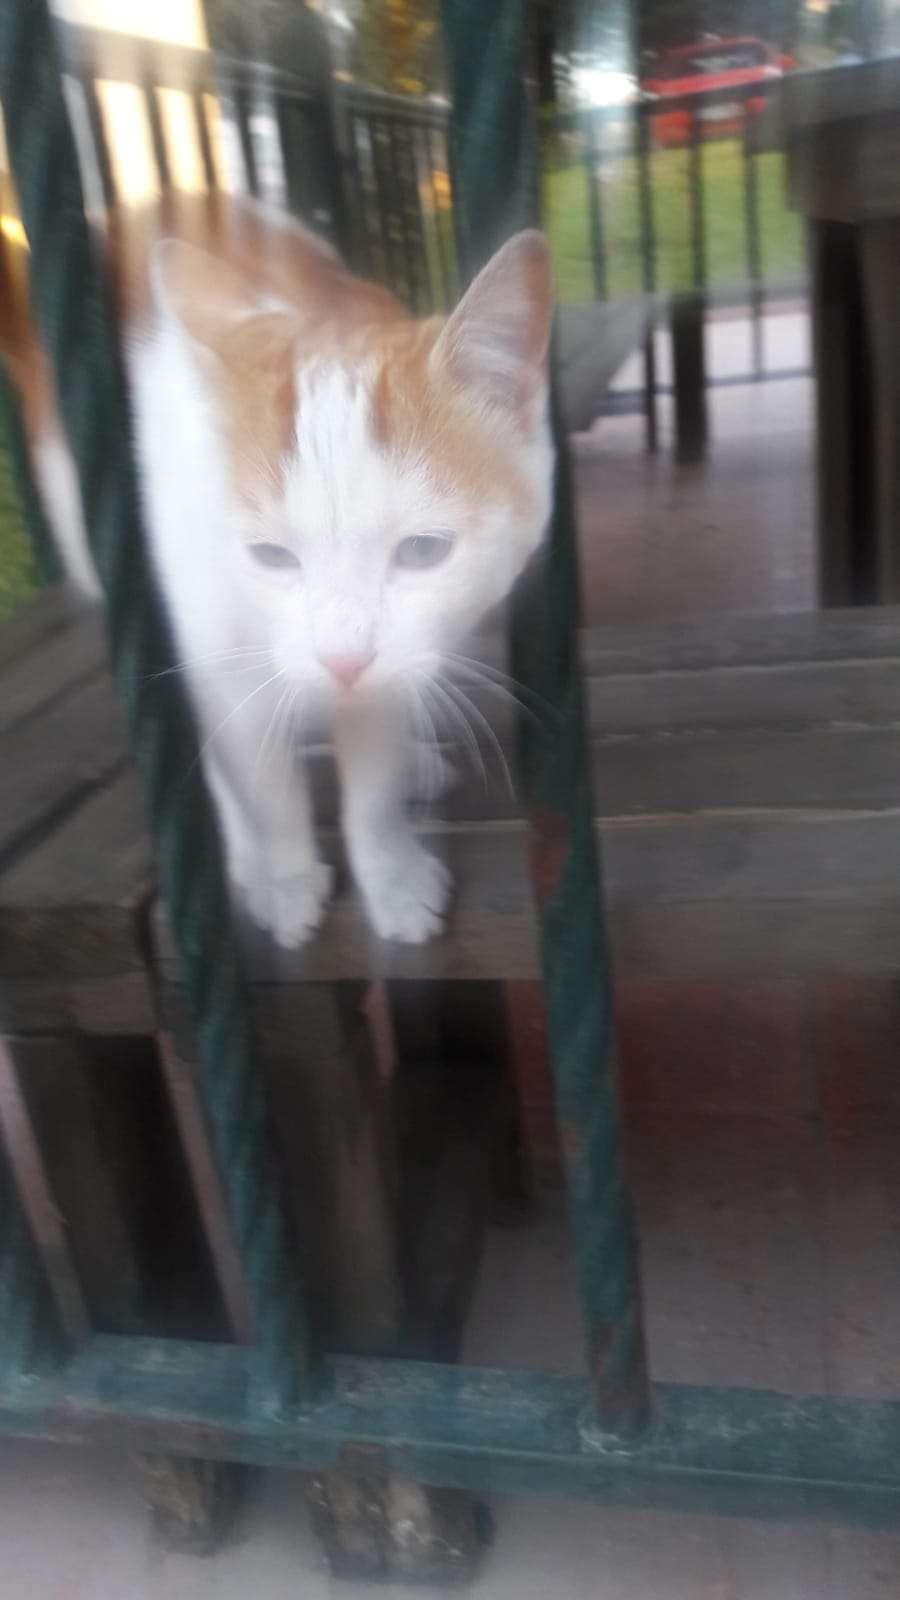 eryamanda bulunmuştur kayıp kedi